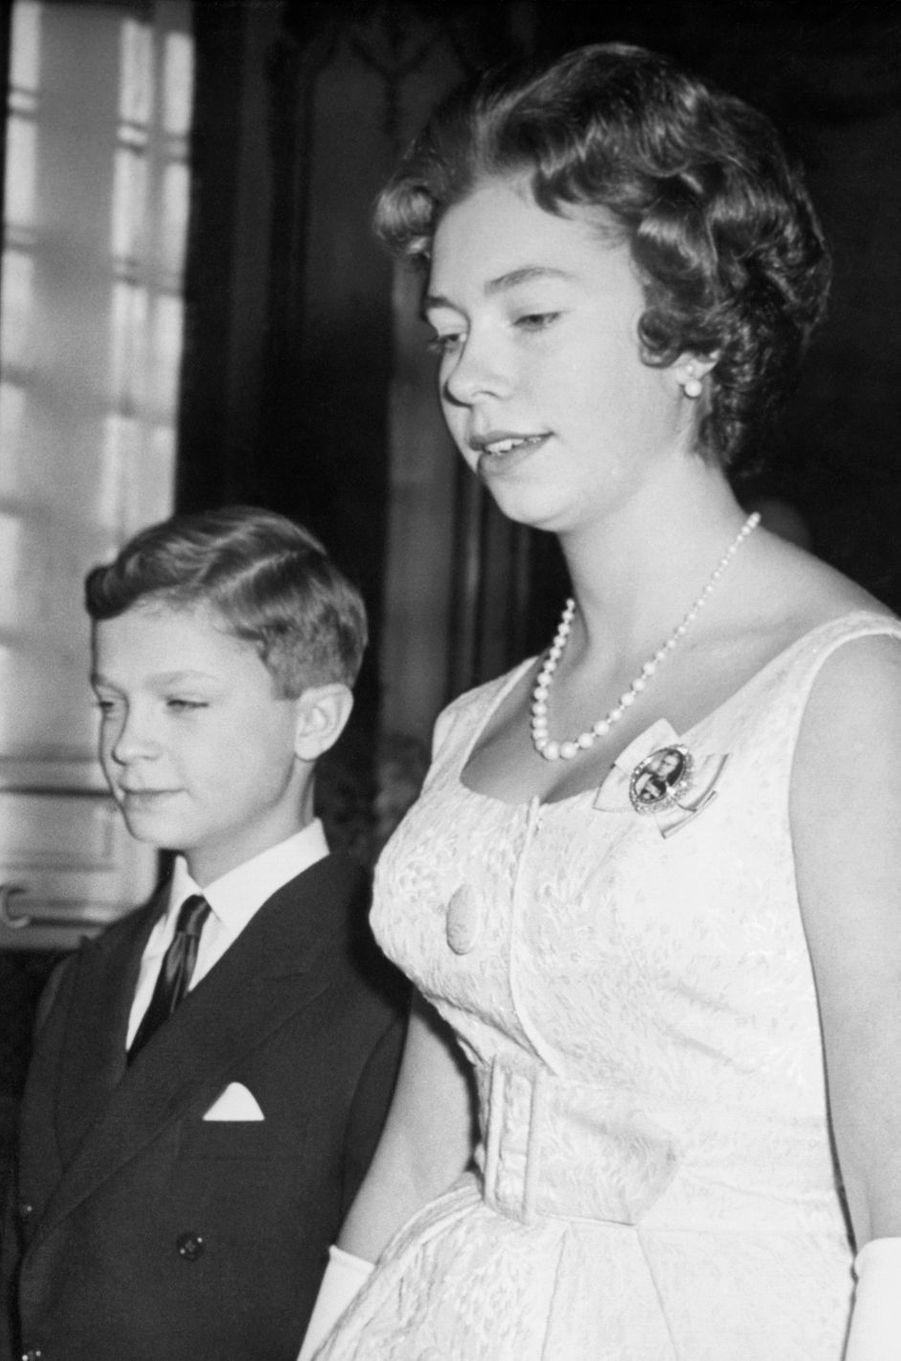 La princesse Christina de Suède avec son petit frère le prince Carl Gustaf, en avril 1961